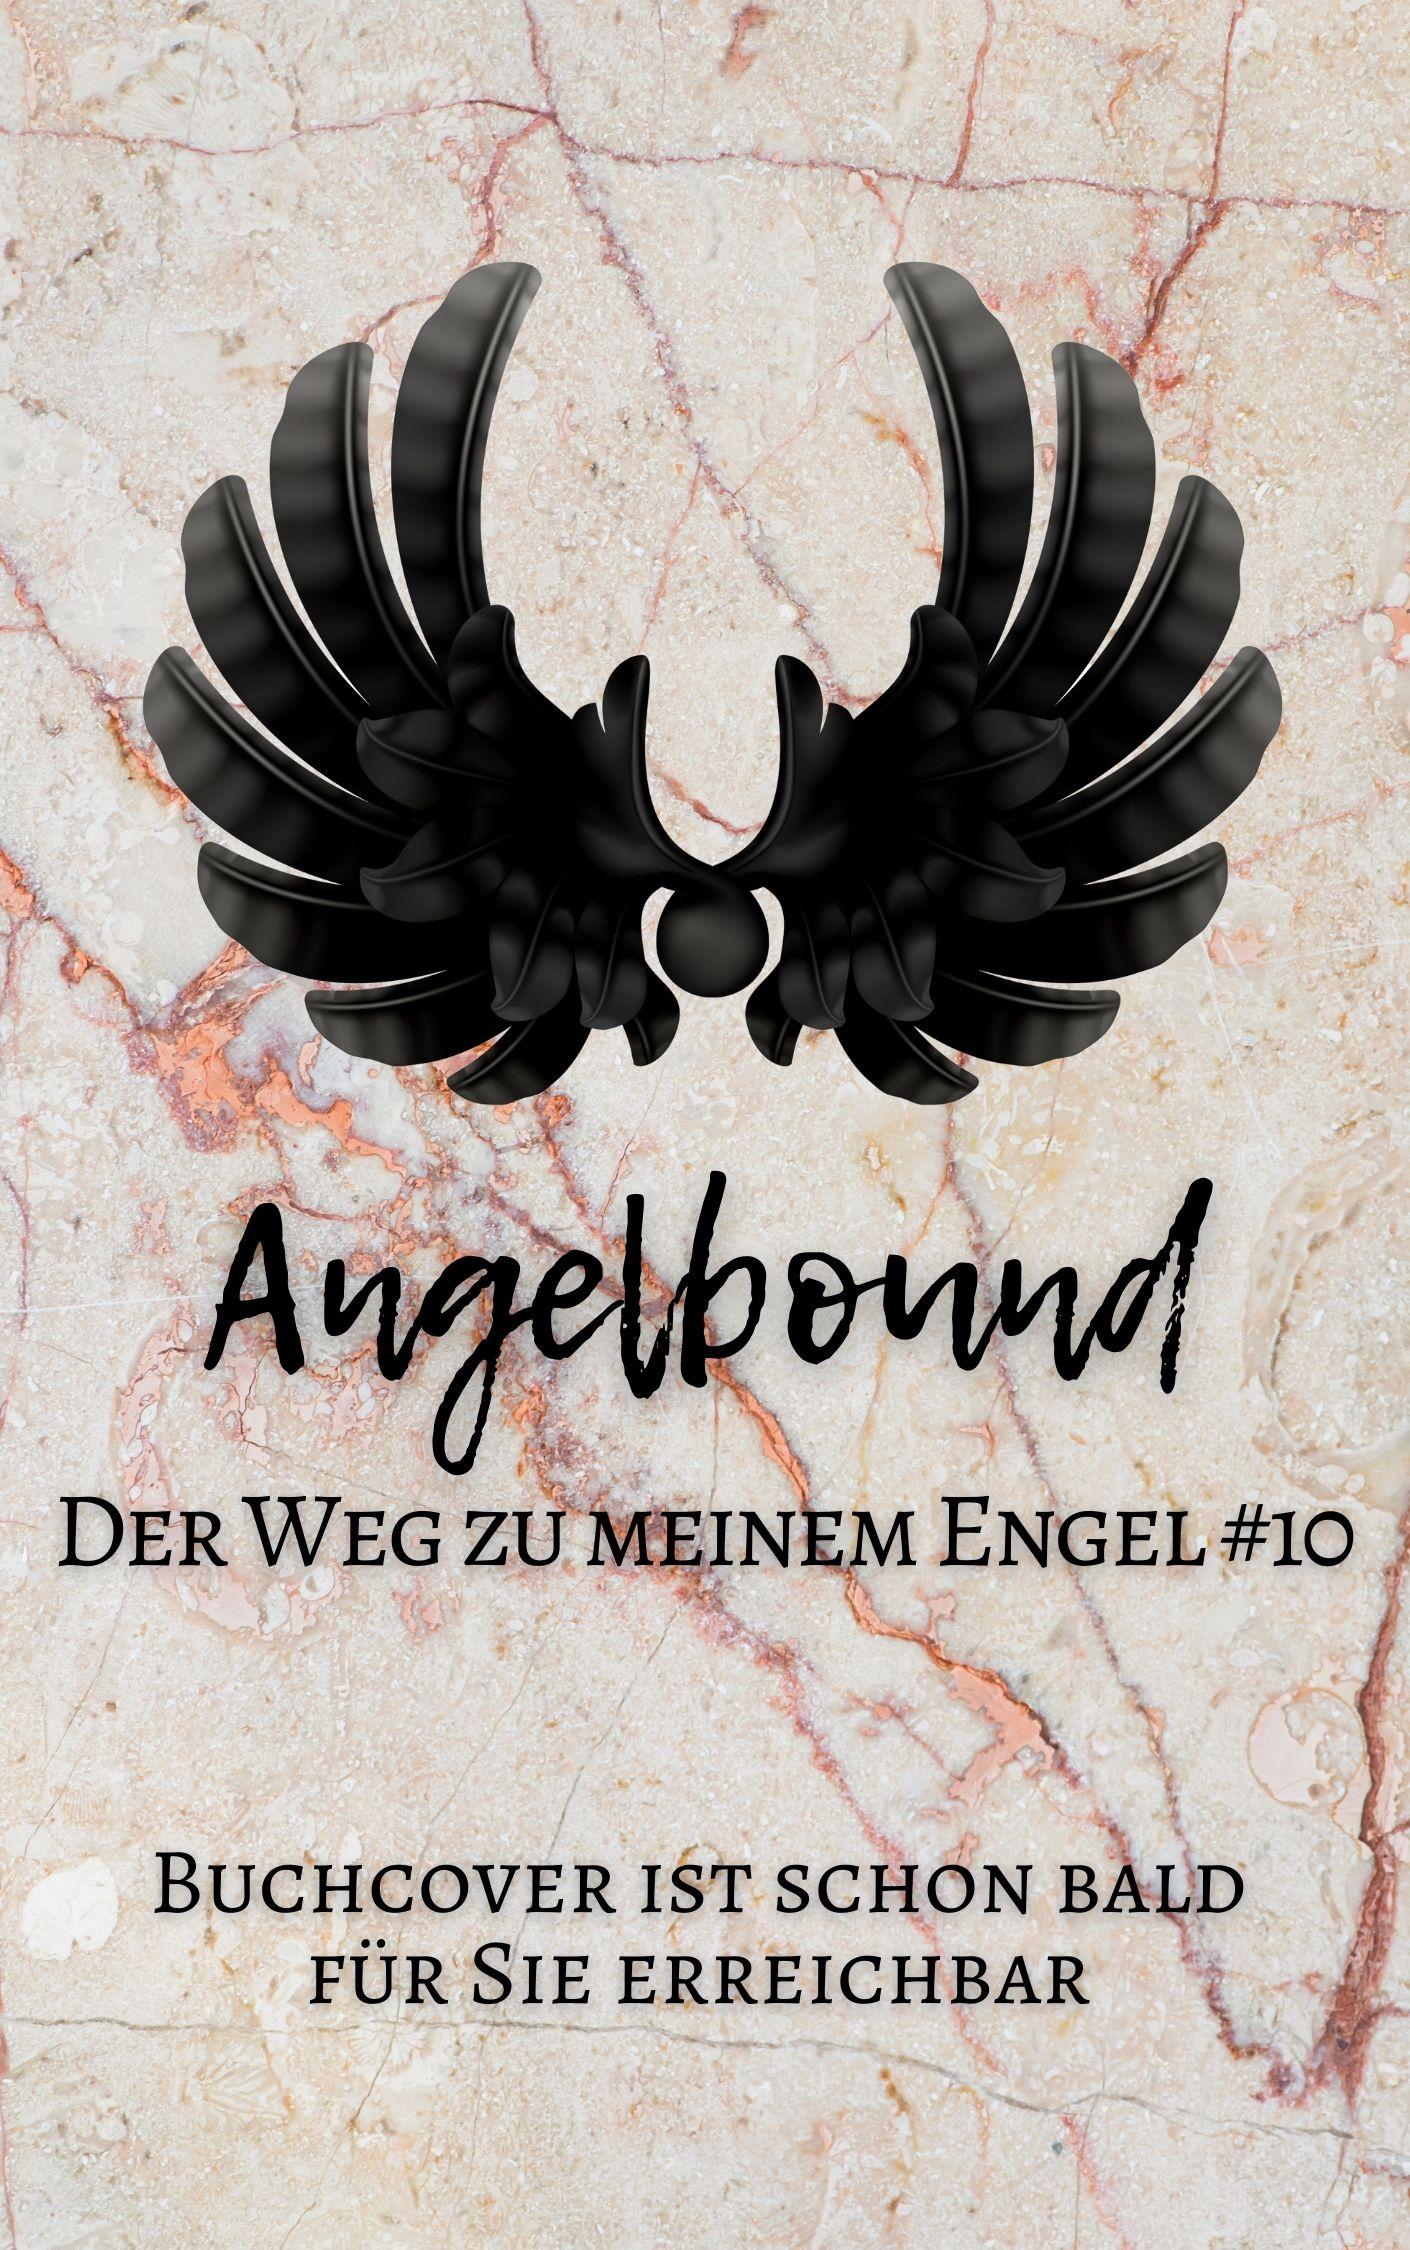 10 - Angelbound